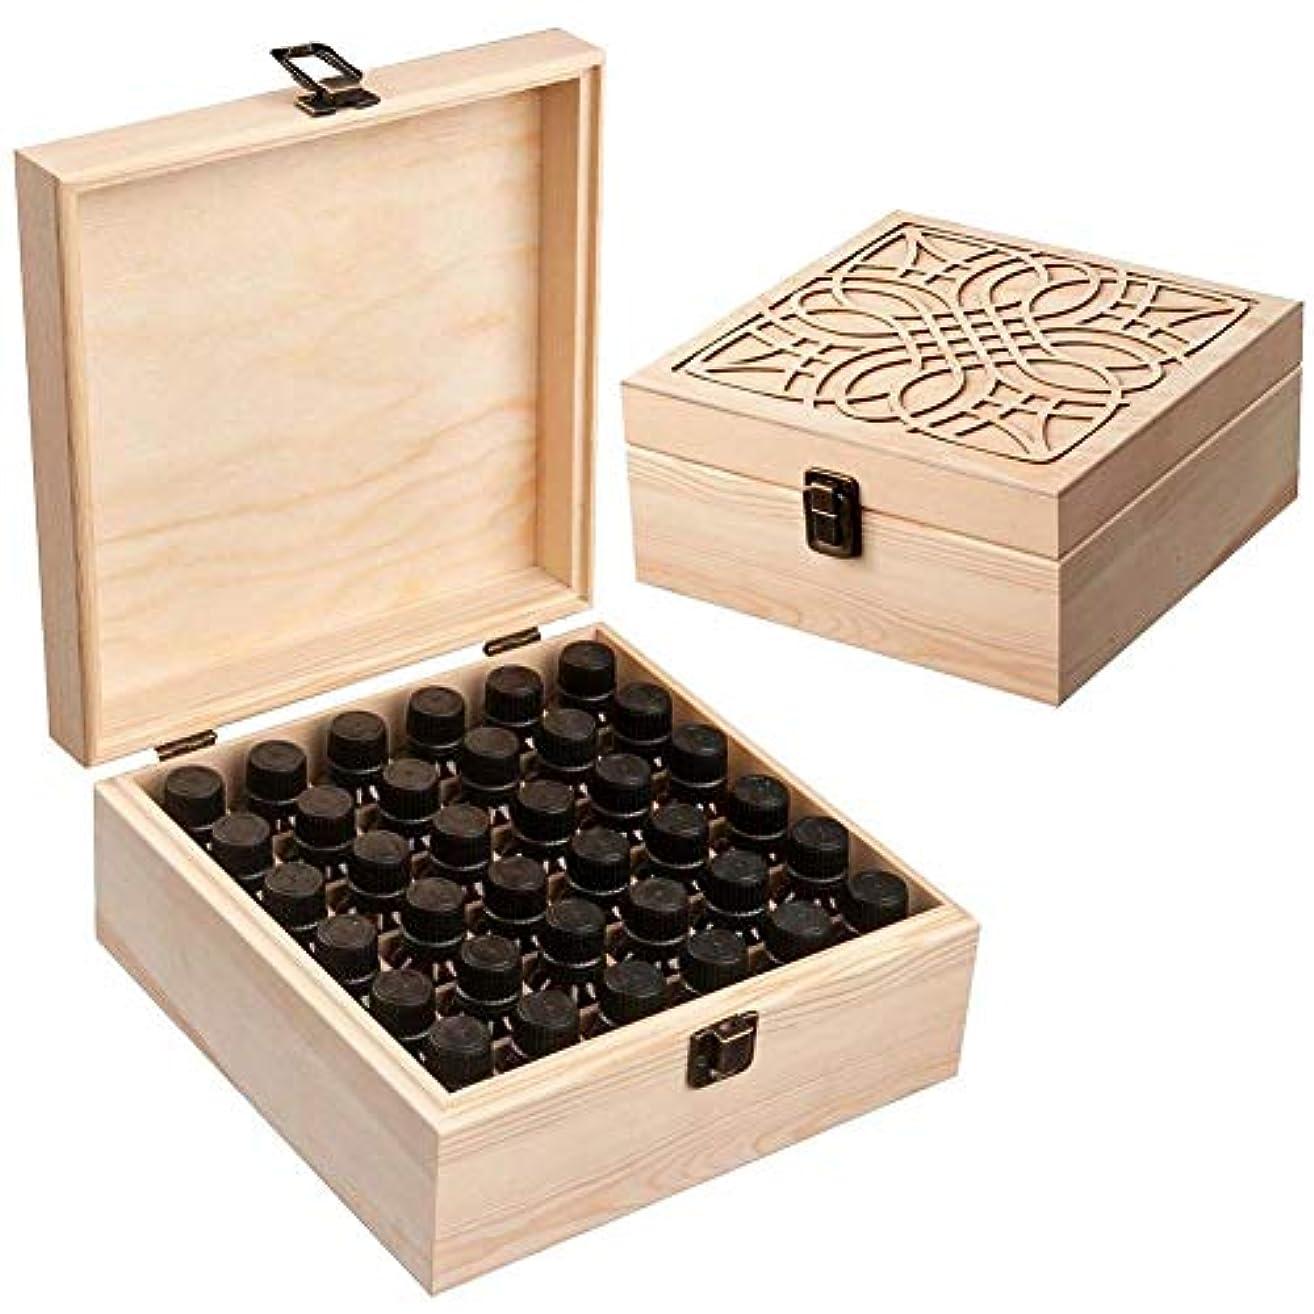 誤解させる健康カーテンNewfashion エッセンシャルオイル収納ボックス 精油収納 アロマケース 木製 大容量 携帯便利 オイルボックス 飾り物 36本用